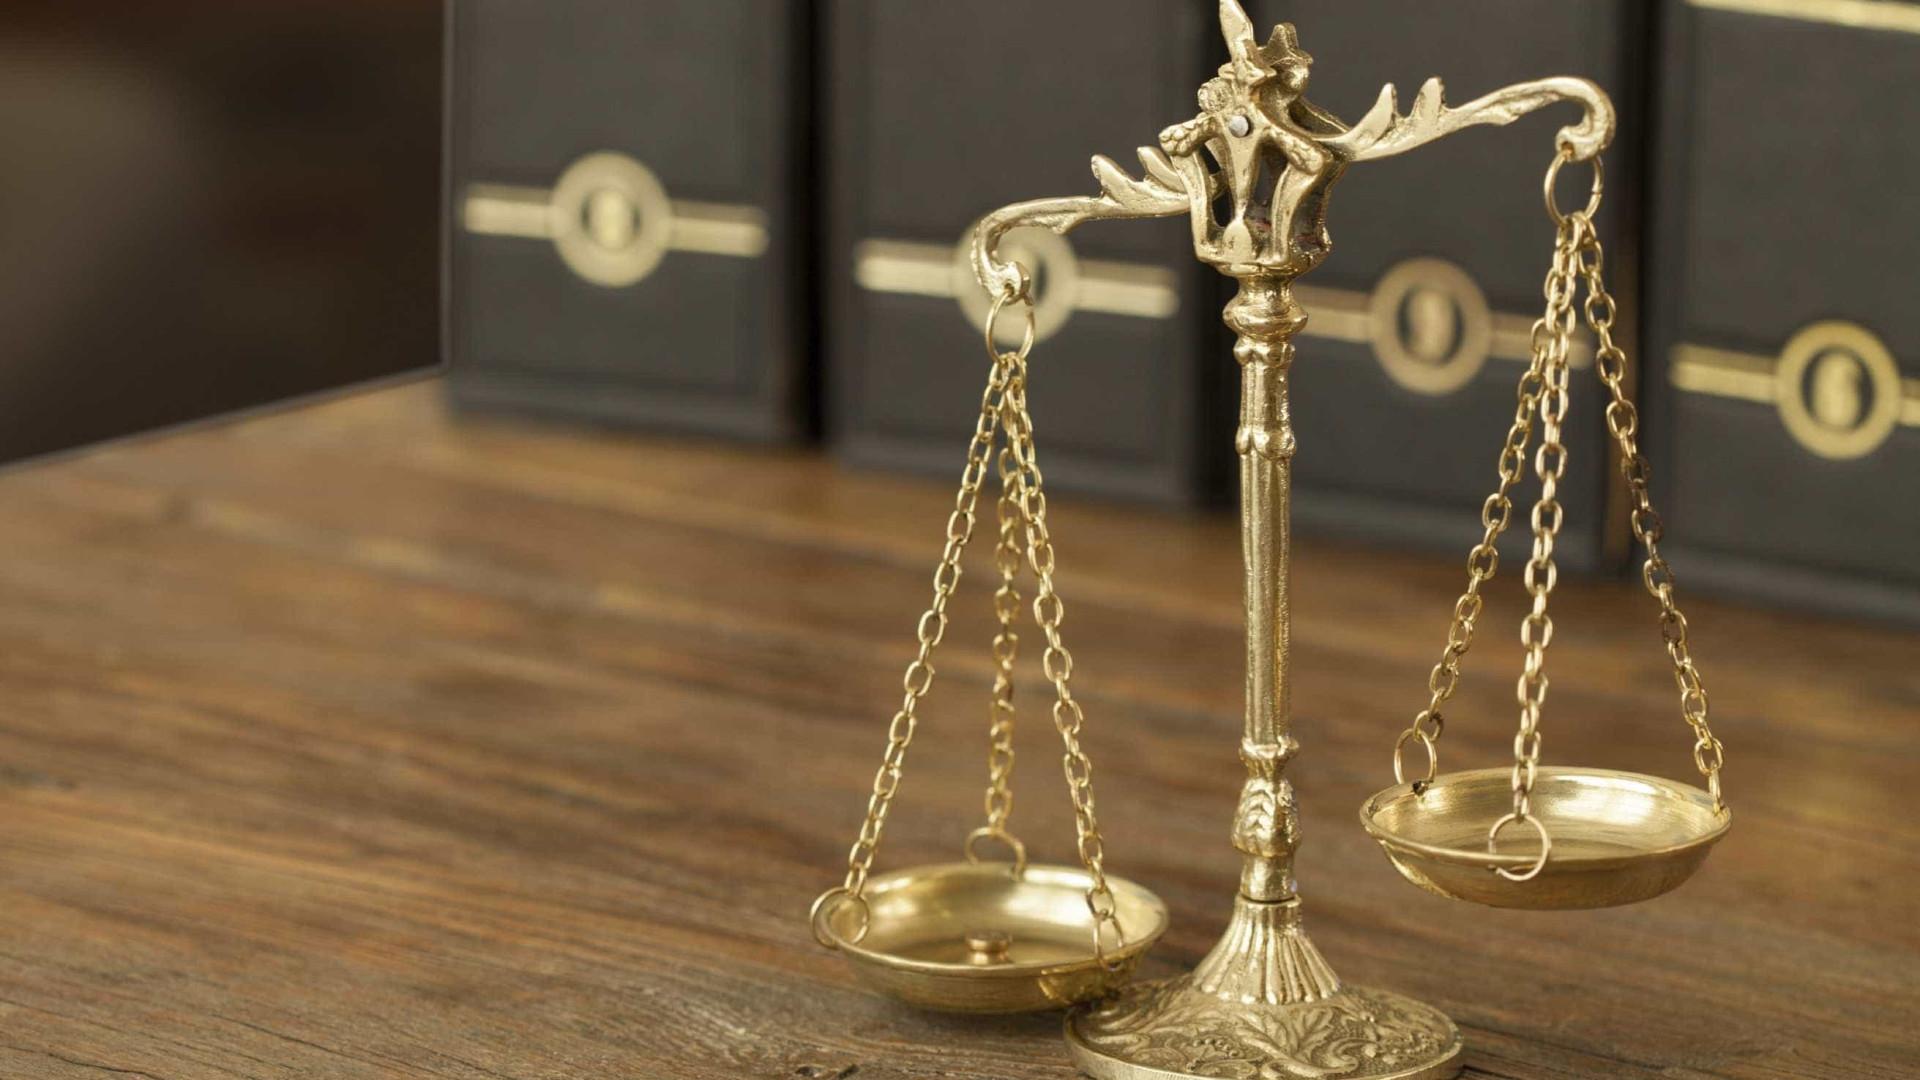 Consulados solicitam informação sobre gestação de substituição